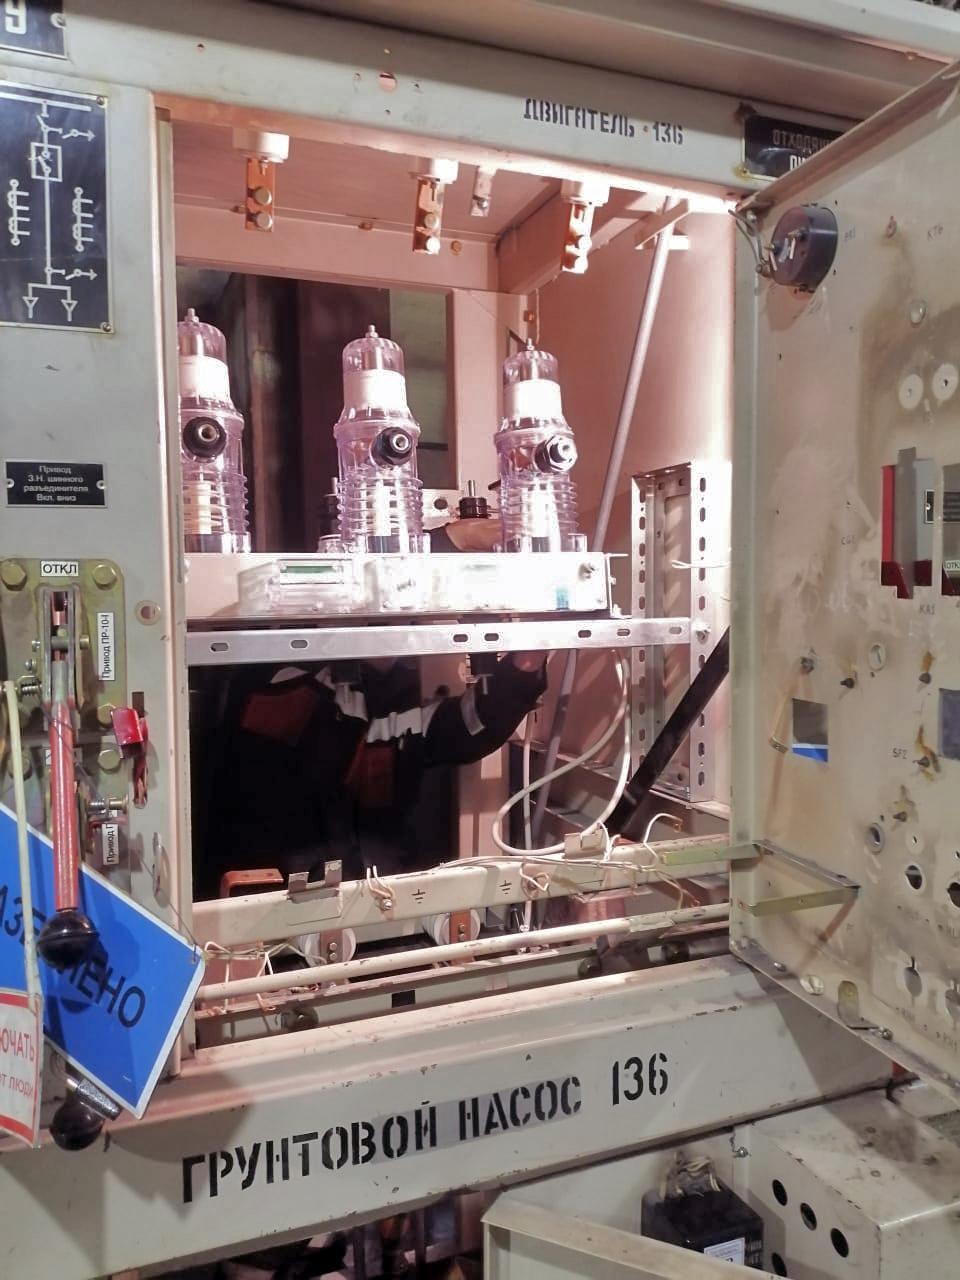 Вакуумный выключатель грунтового насоса ГРТ-136.